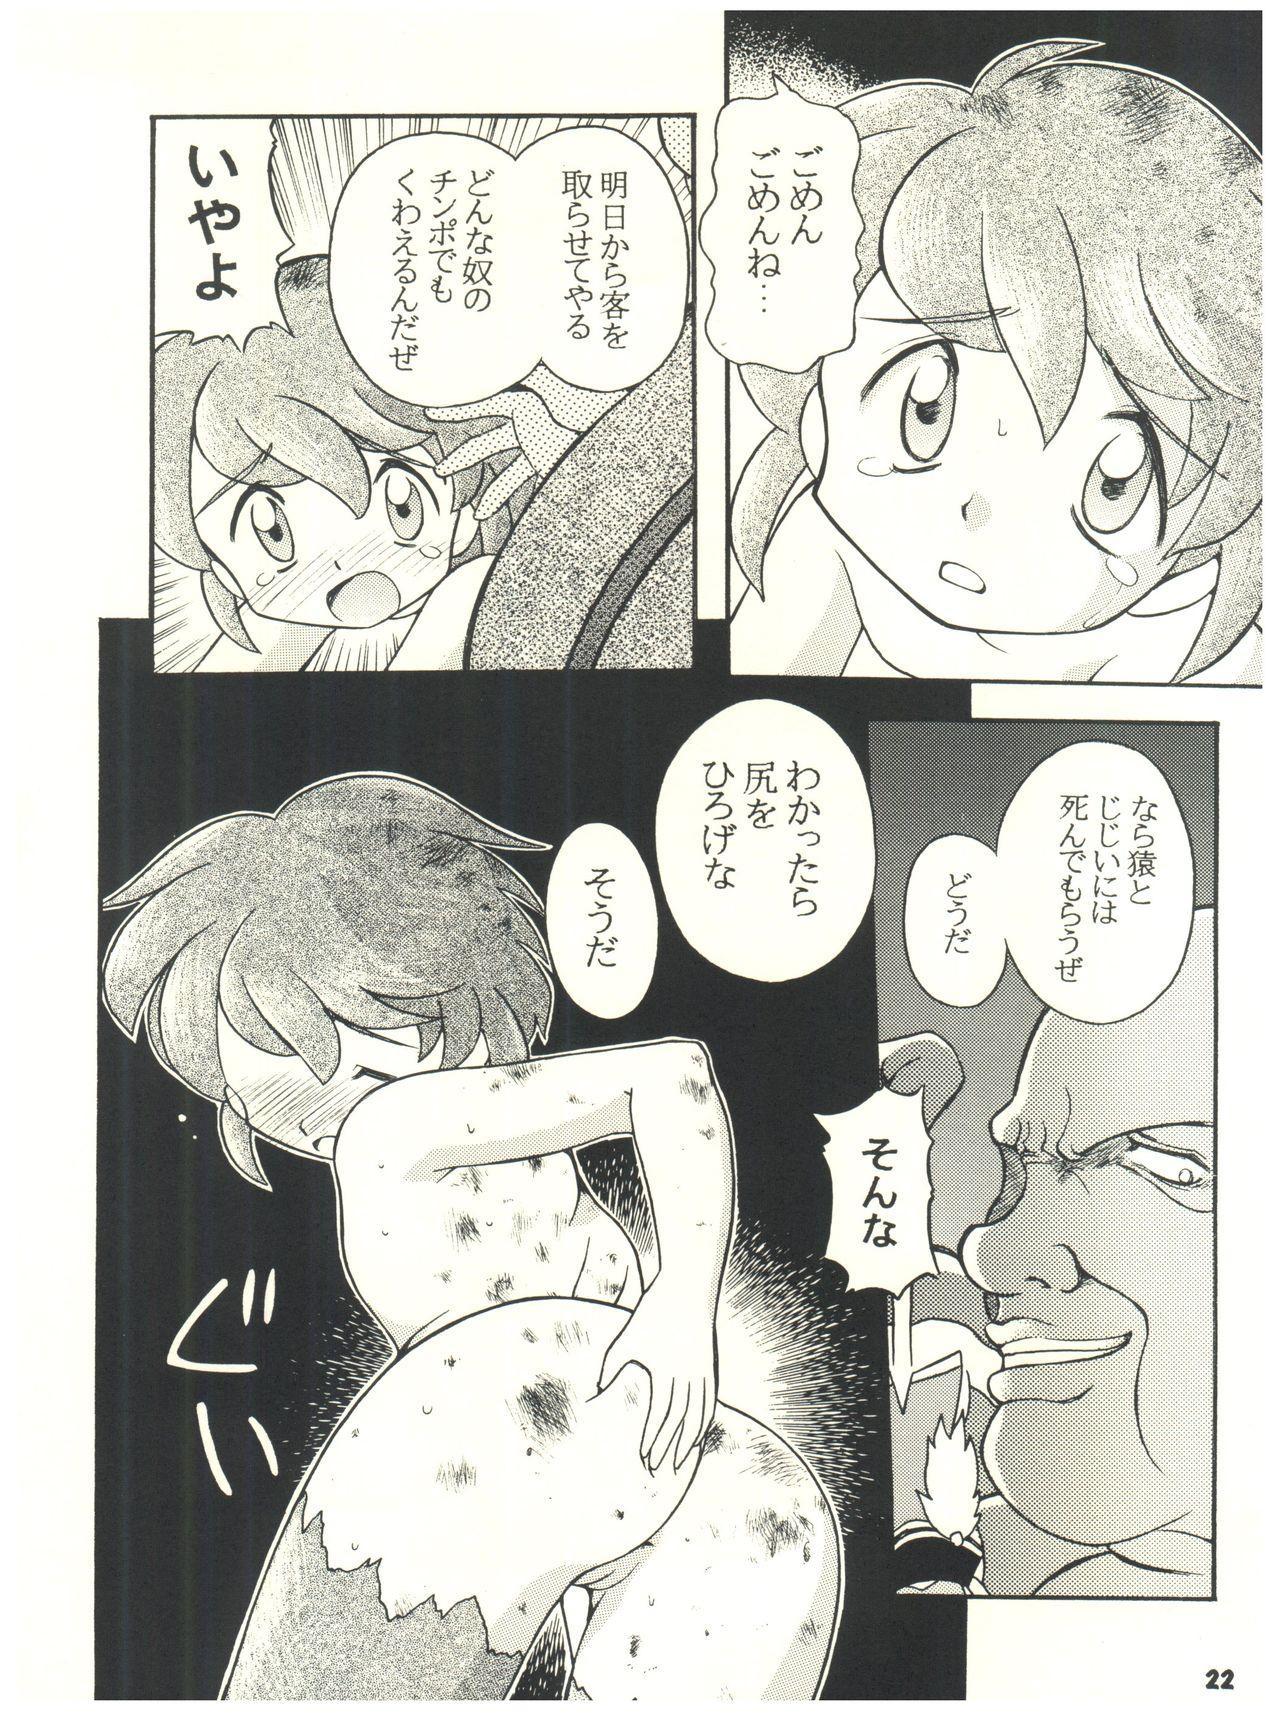 [Sairo Publishing (J. Sairo) En-Jack 2 (Various) 21